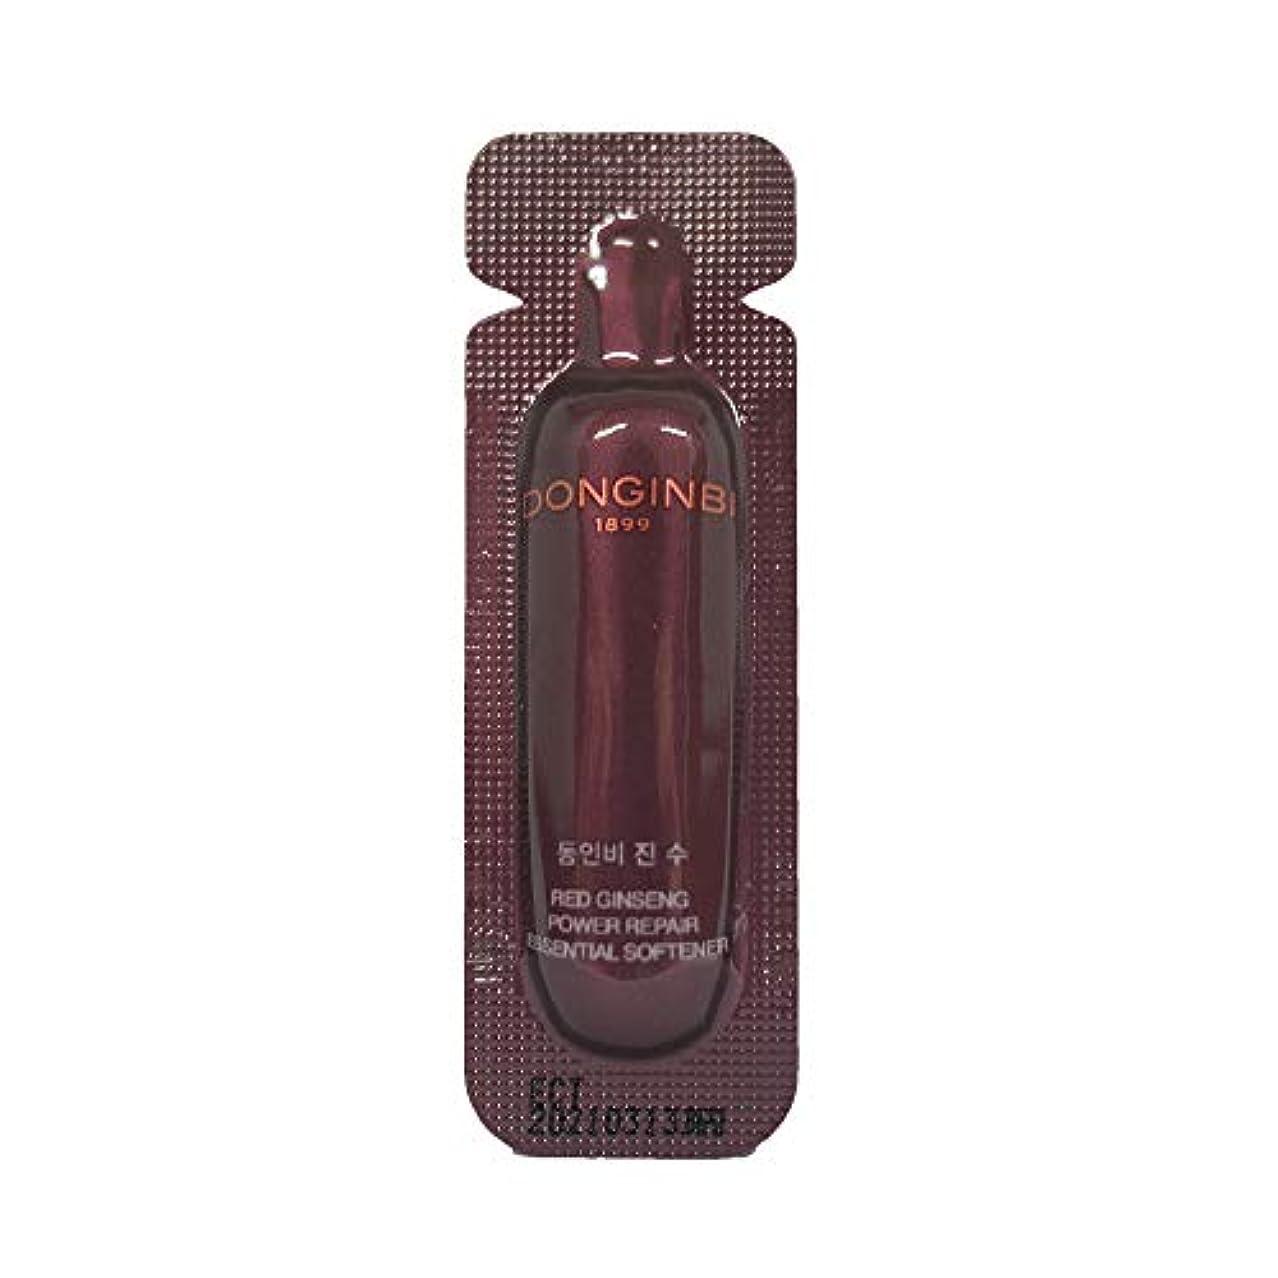 手伝うフルーツ小説[正官庄/ドンインビ/DONGINBI]ドンインビ?ジン?水1mlx30枚 Donginbi Red Ginseng Power Repair Softner